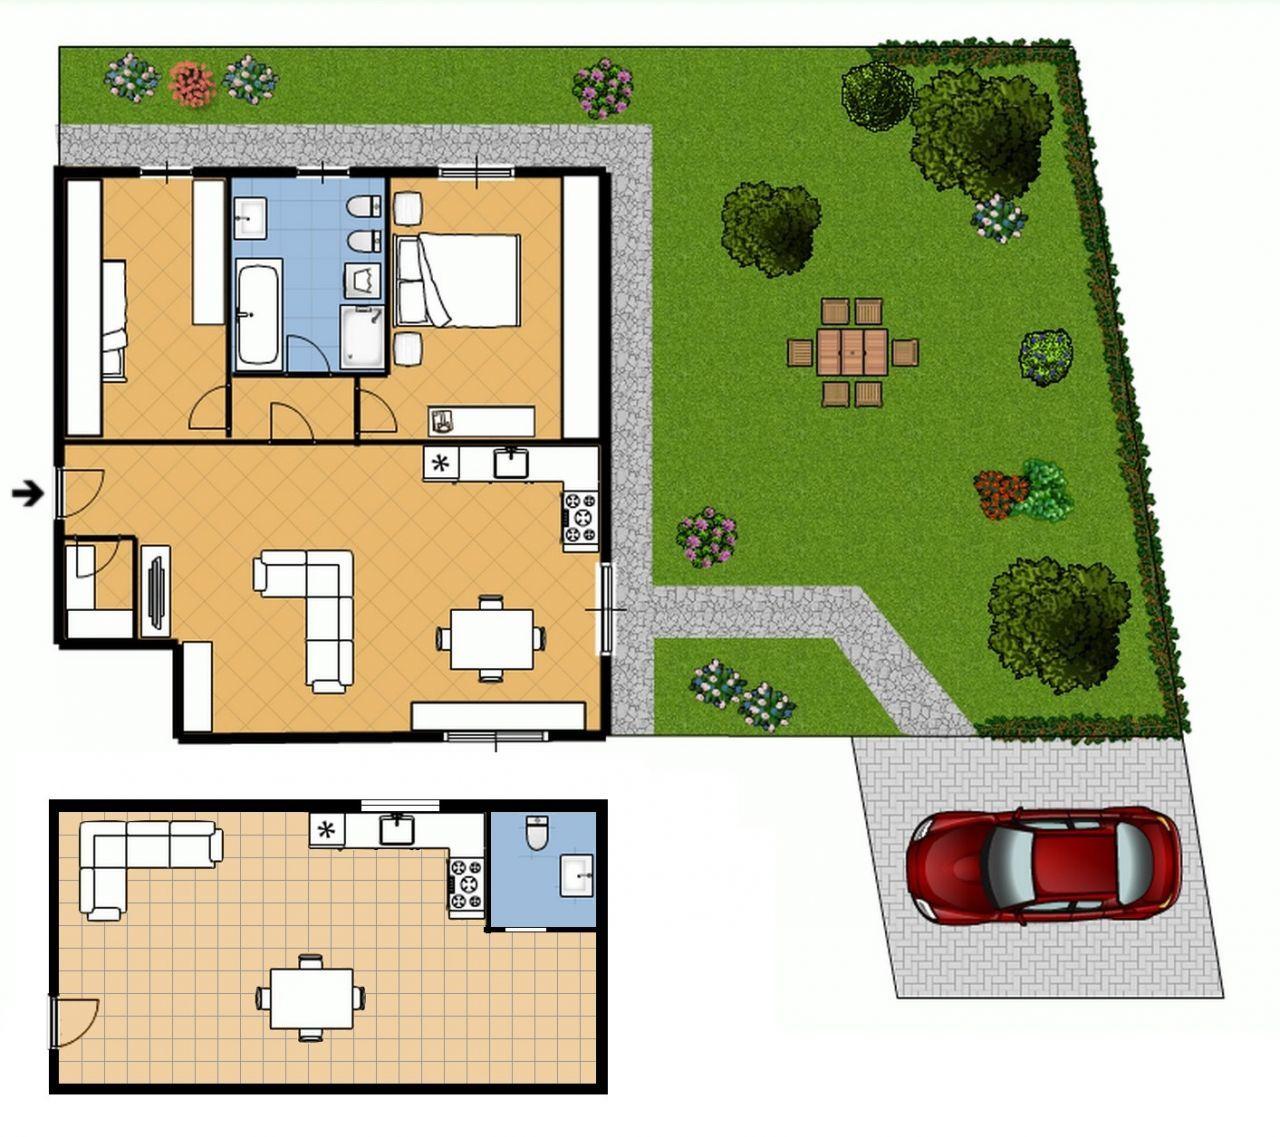 Appartamento 3 locali in vendita carbonate progetto kasa for Giardino 80 mq